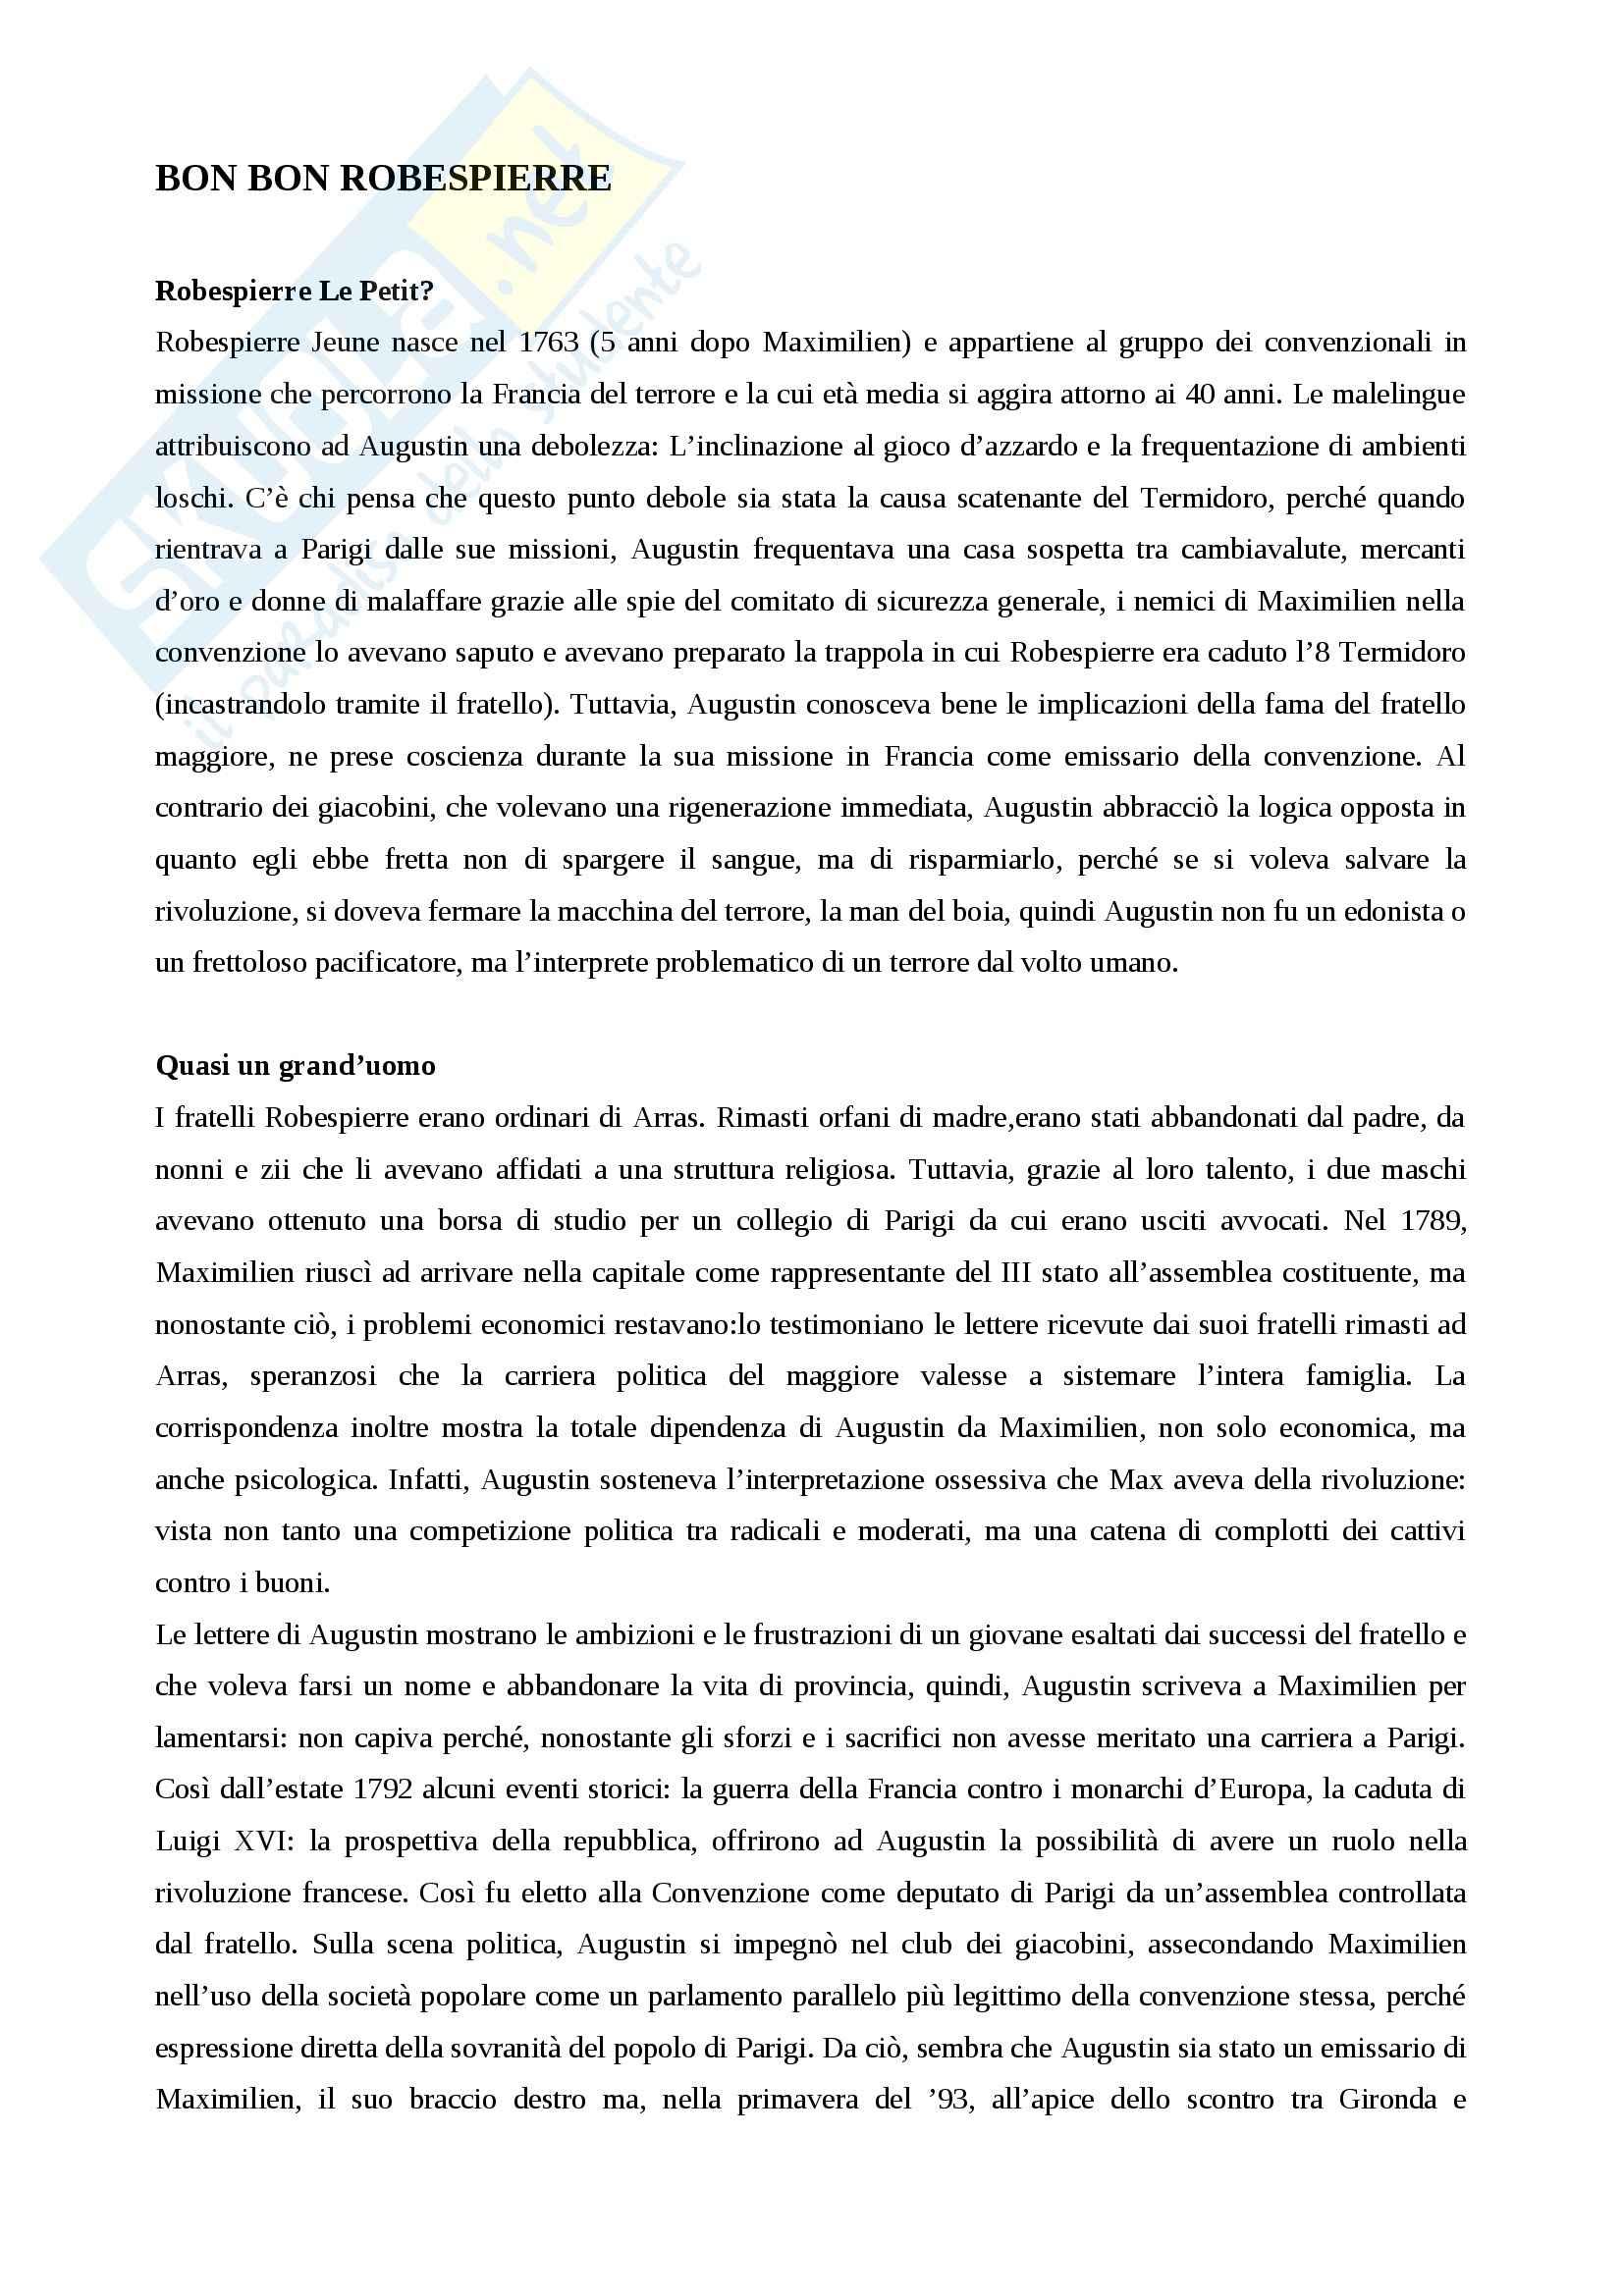 Riassunto esame storia moderna, prof. Imbruglia, libro consigliato Bonbon Robespierre, Luzzatto